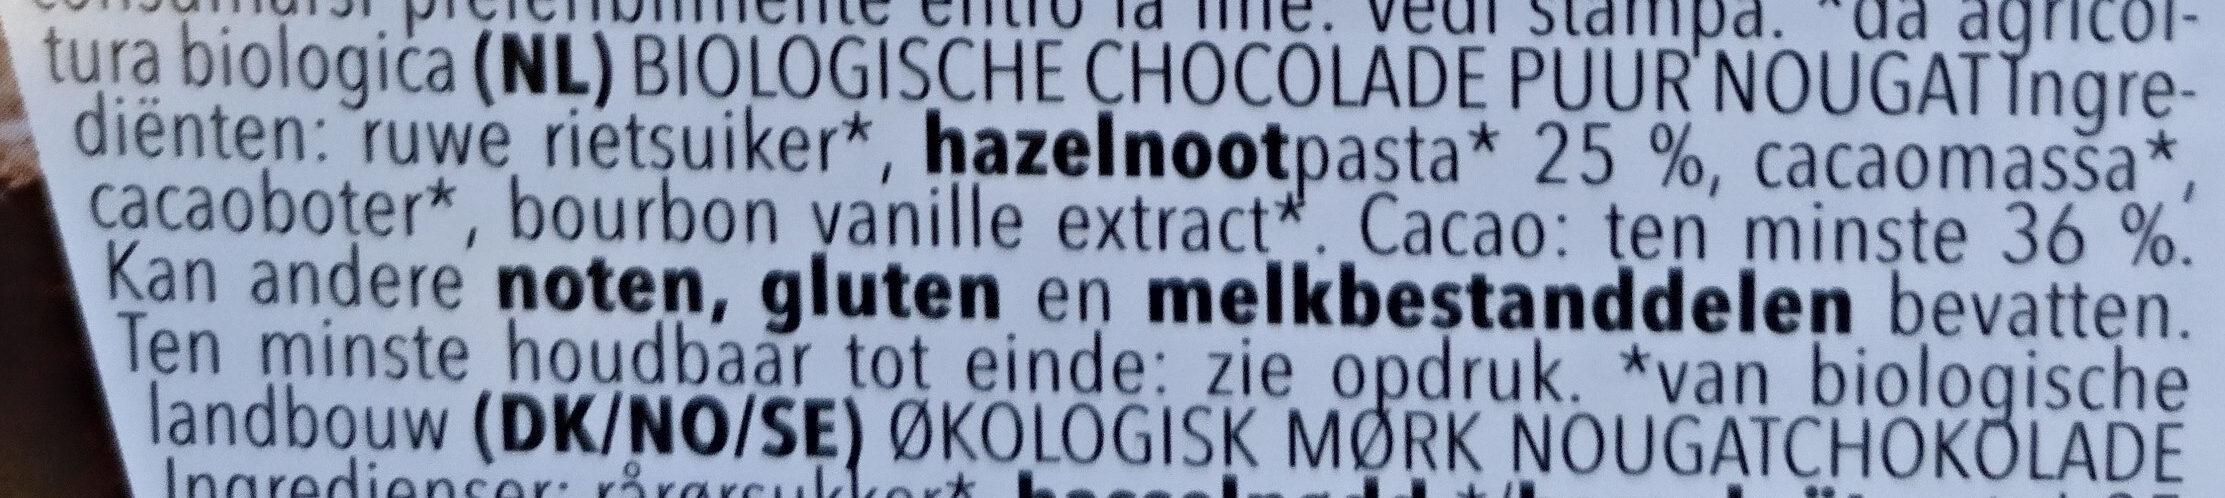 Vivani Chocolat Dunkle Nougat - Ingrediënten - nl